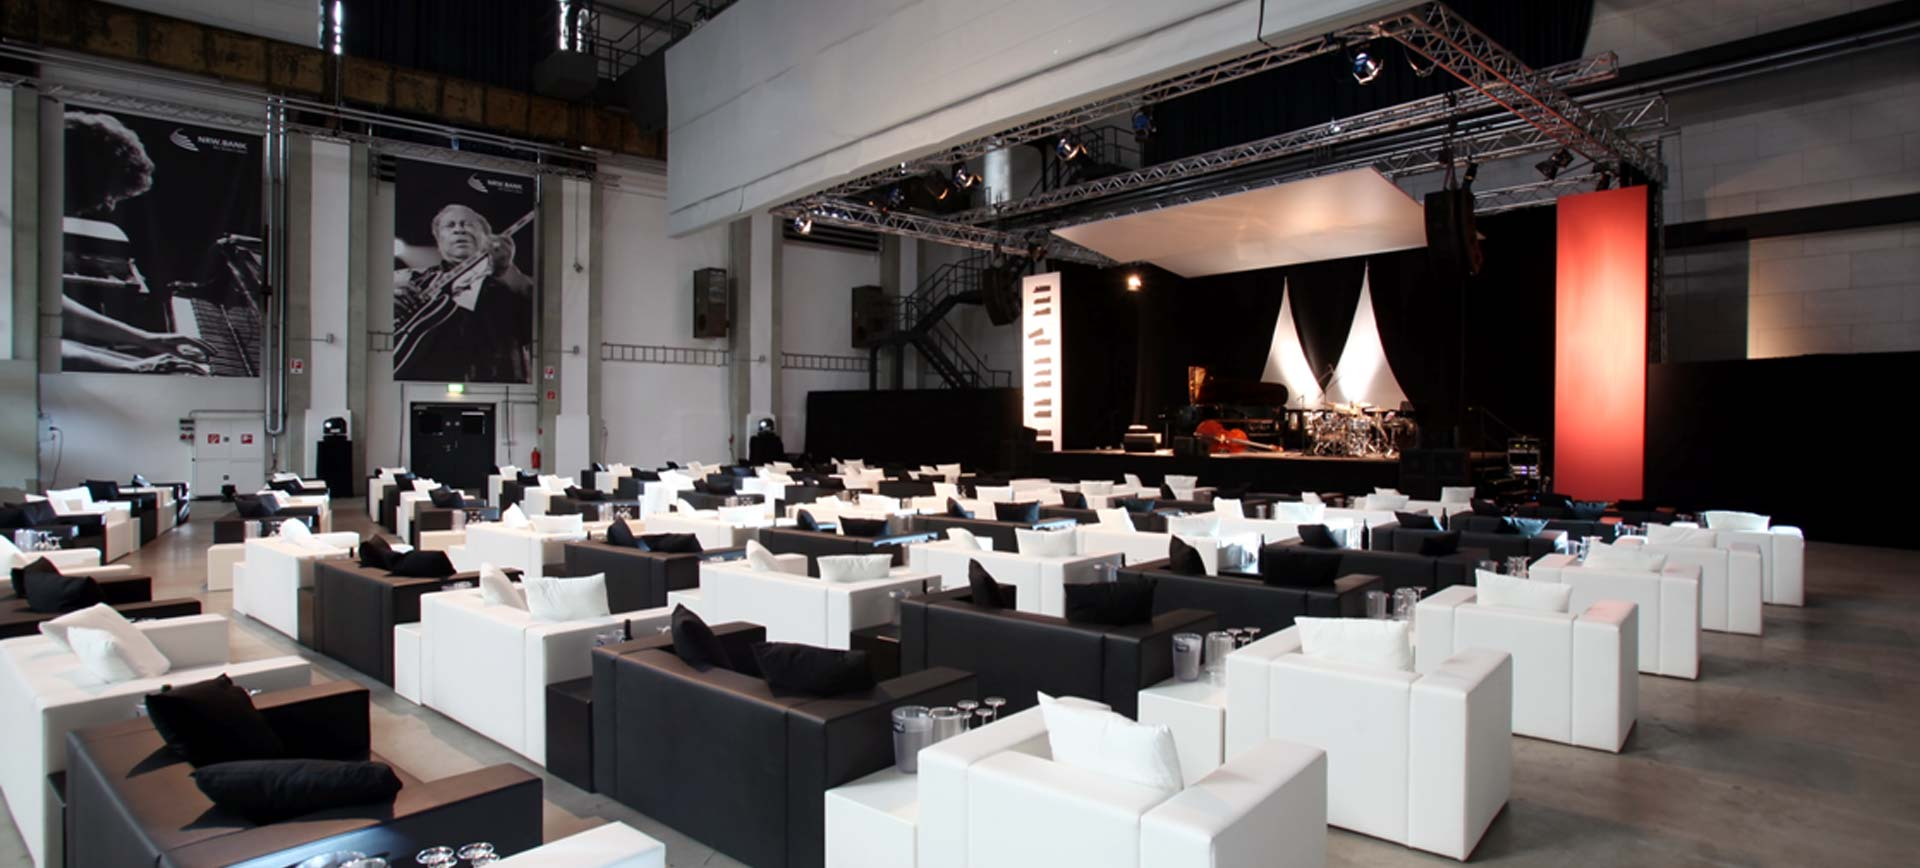 Firmenevents organisiert von der Eventfabrik OWL